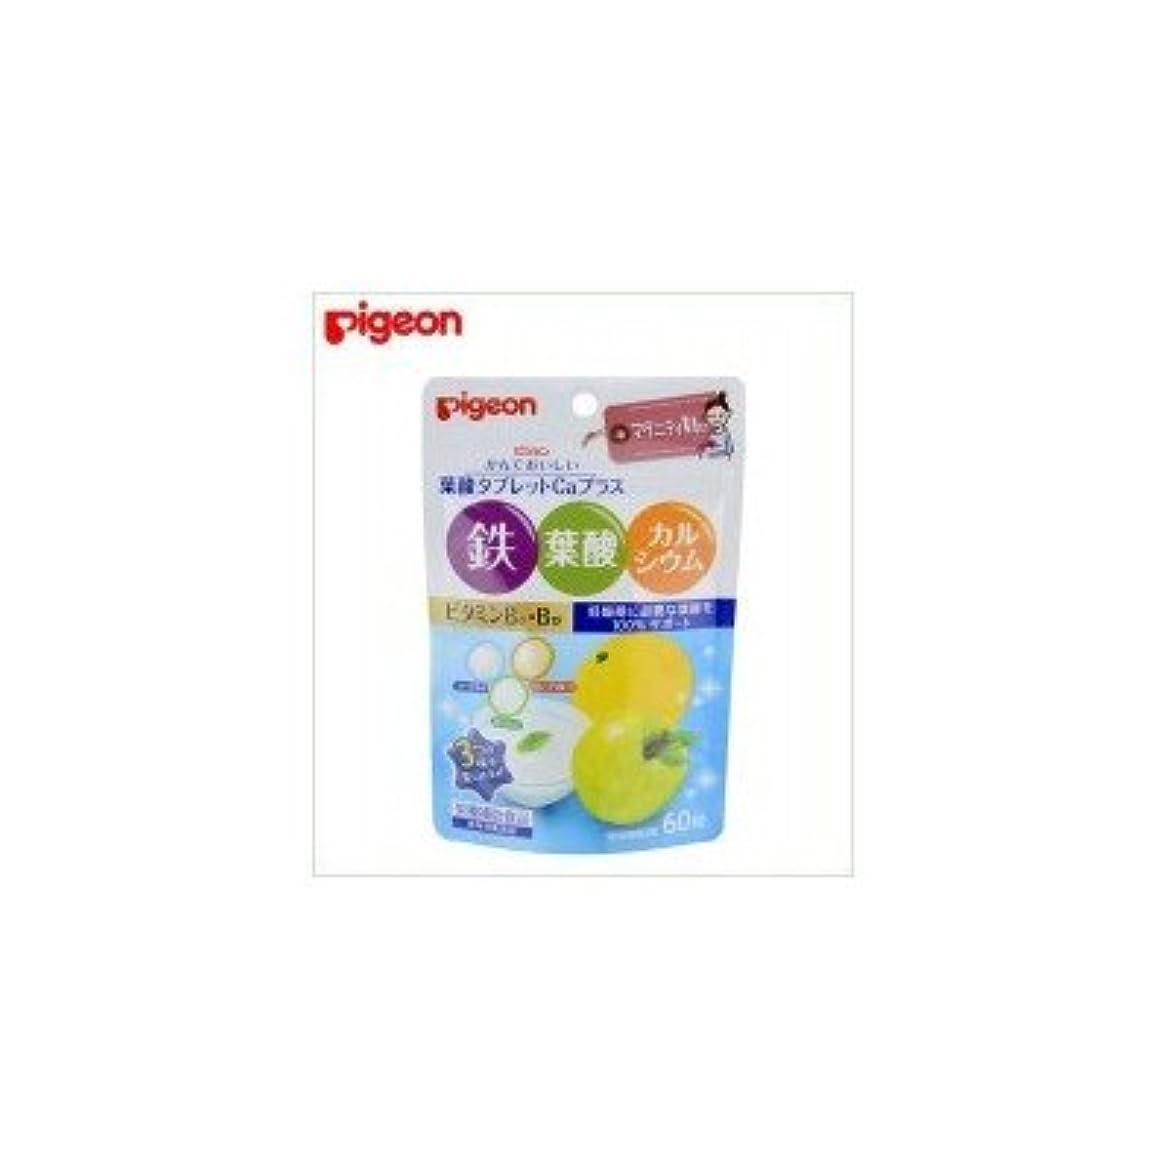 アラートゼリー外交Pigeon(ピジョン) サプリメント 栄養補助食品 かんでおいしい葉酸タブレット Caプラス 60粒 20446